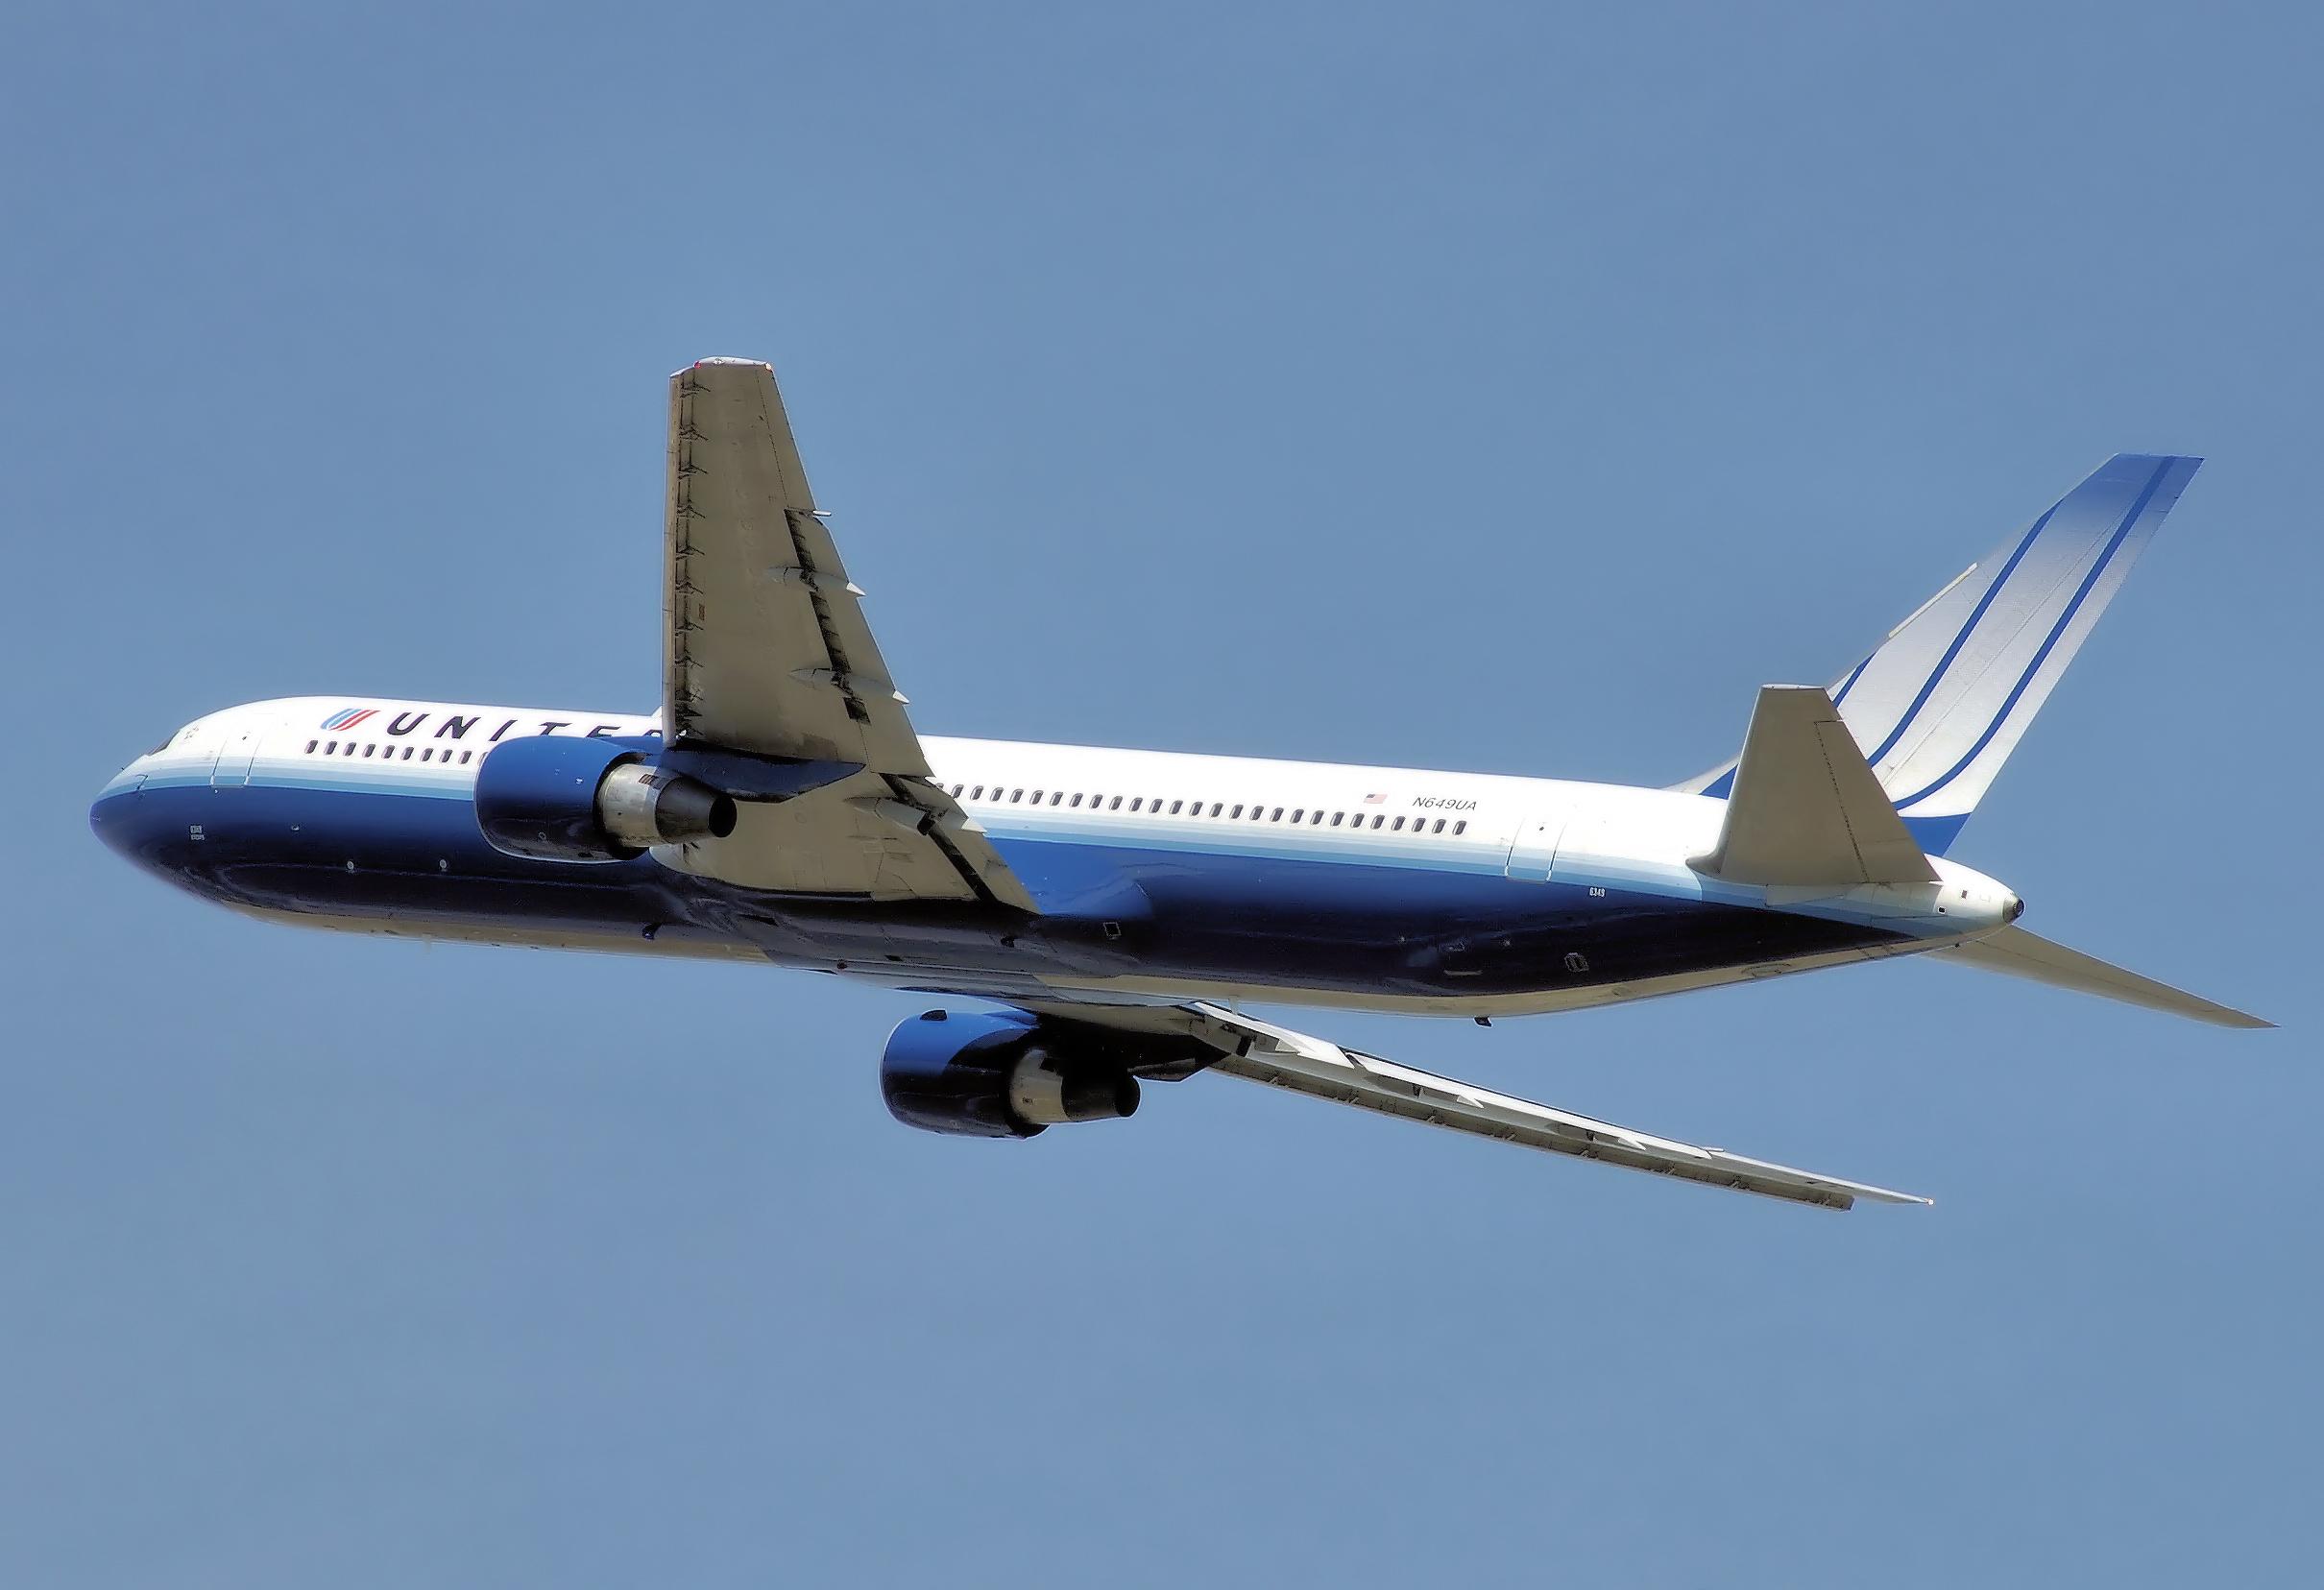 United_b767-300er_n649ua_arp.jpg